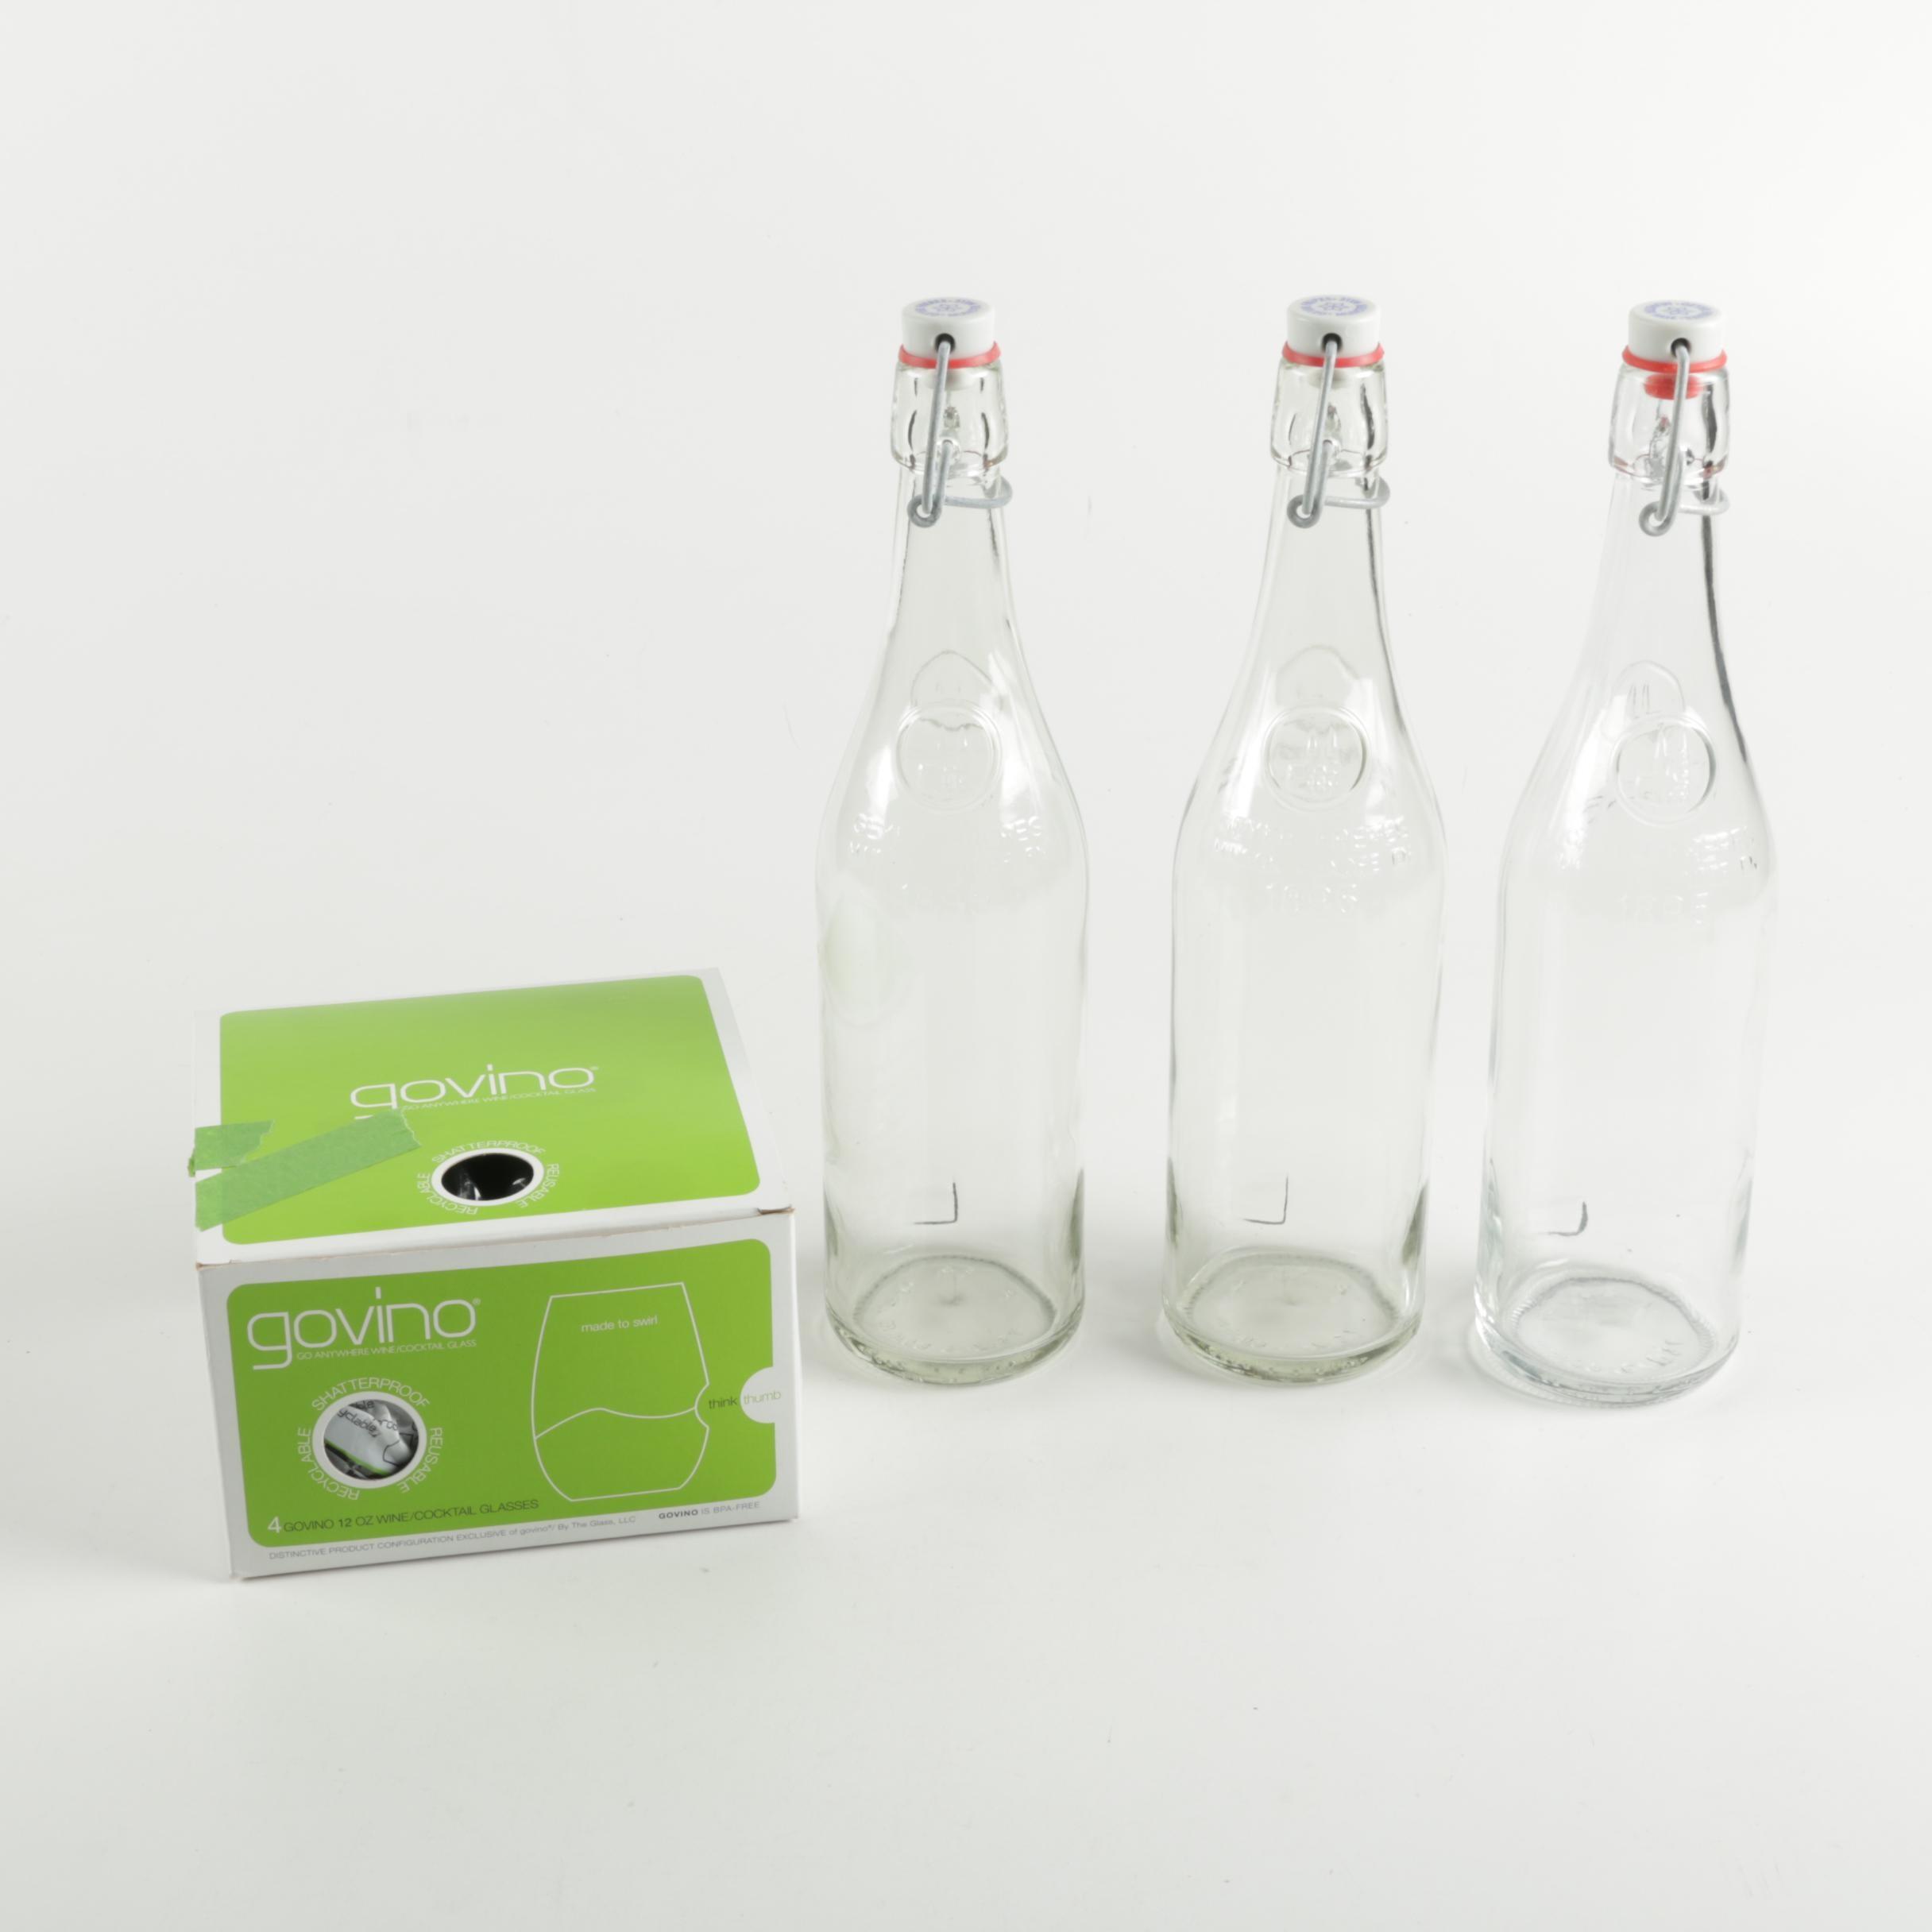 Govino Wine Glasses and Geyer Freres Glass Bottles